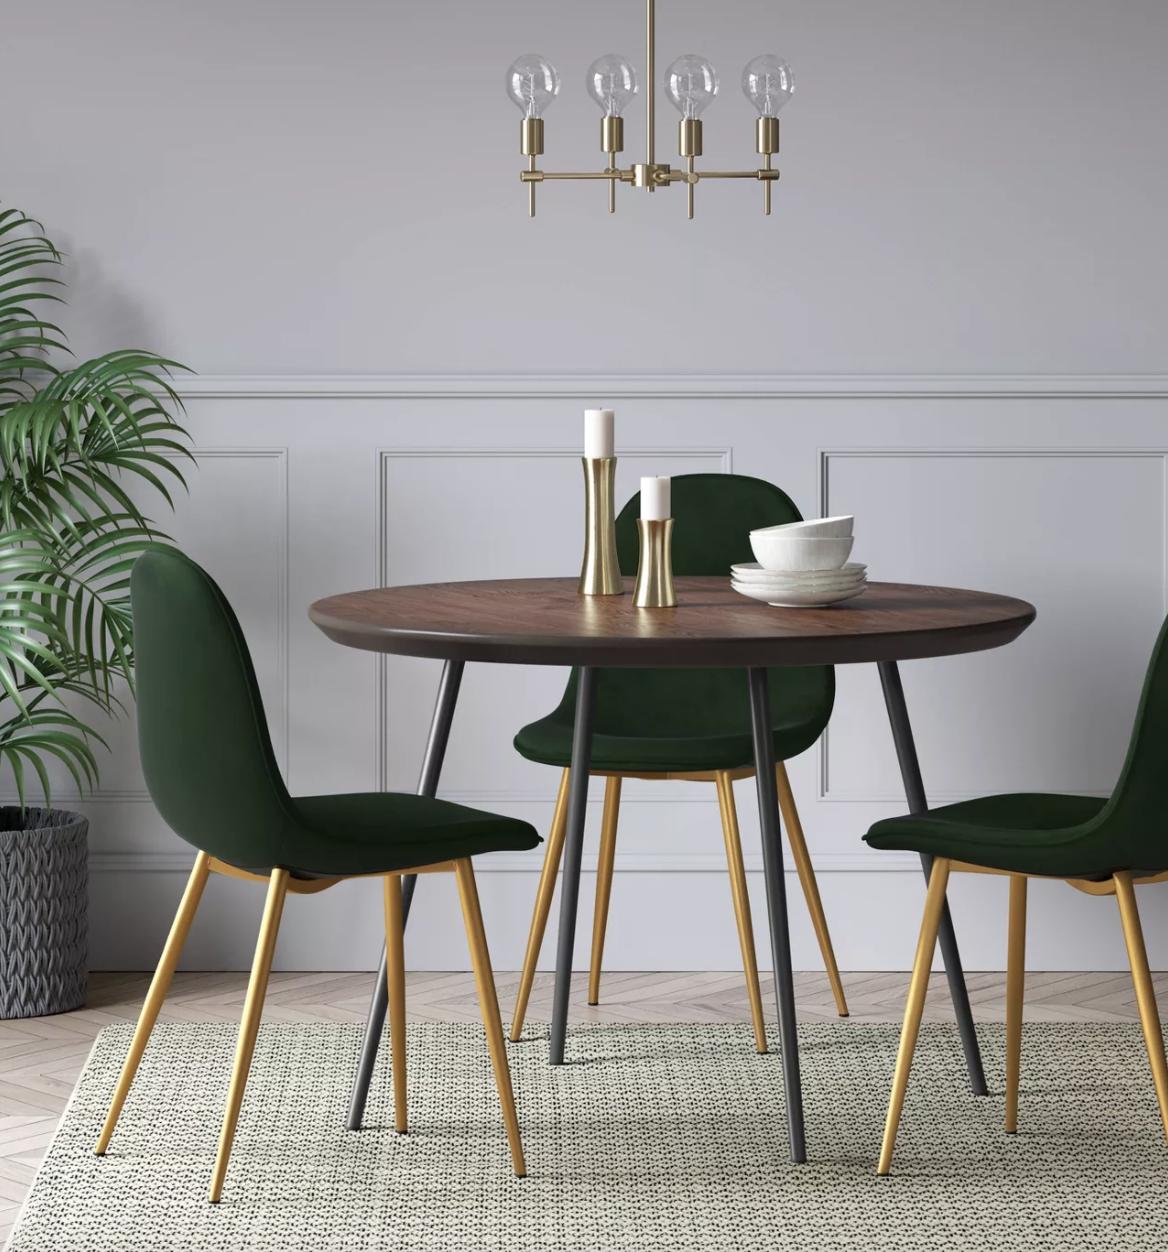 the green velvet chairs